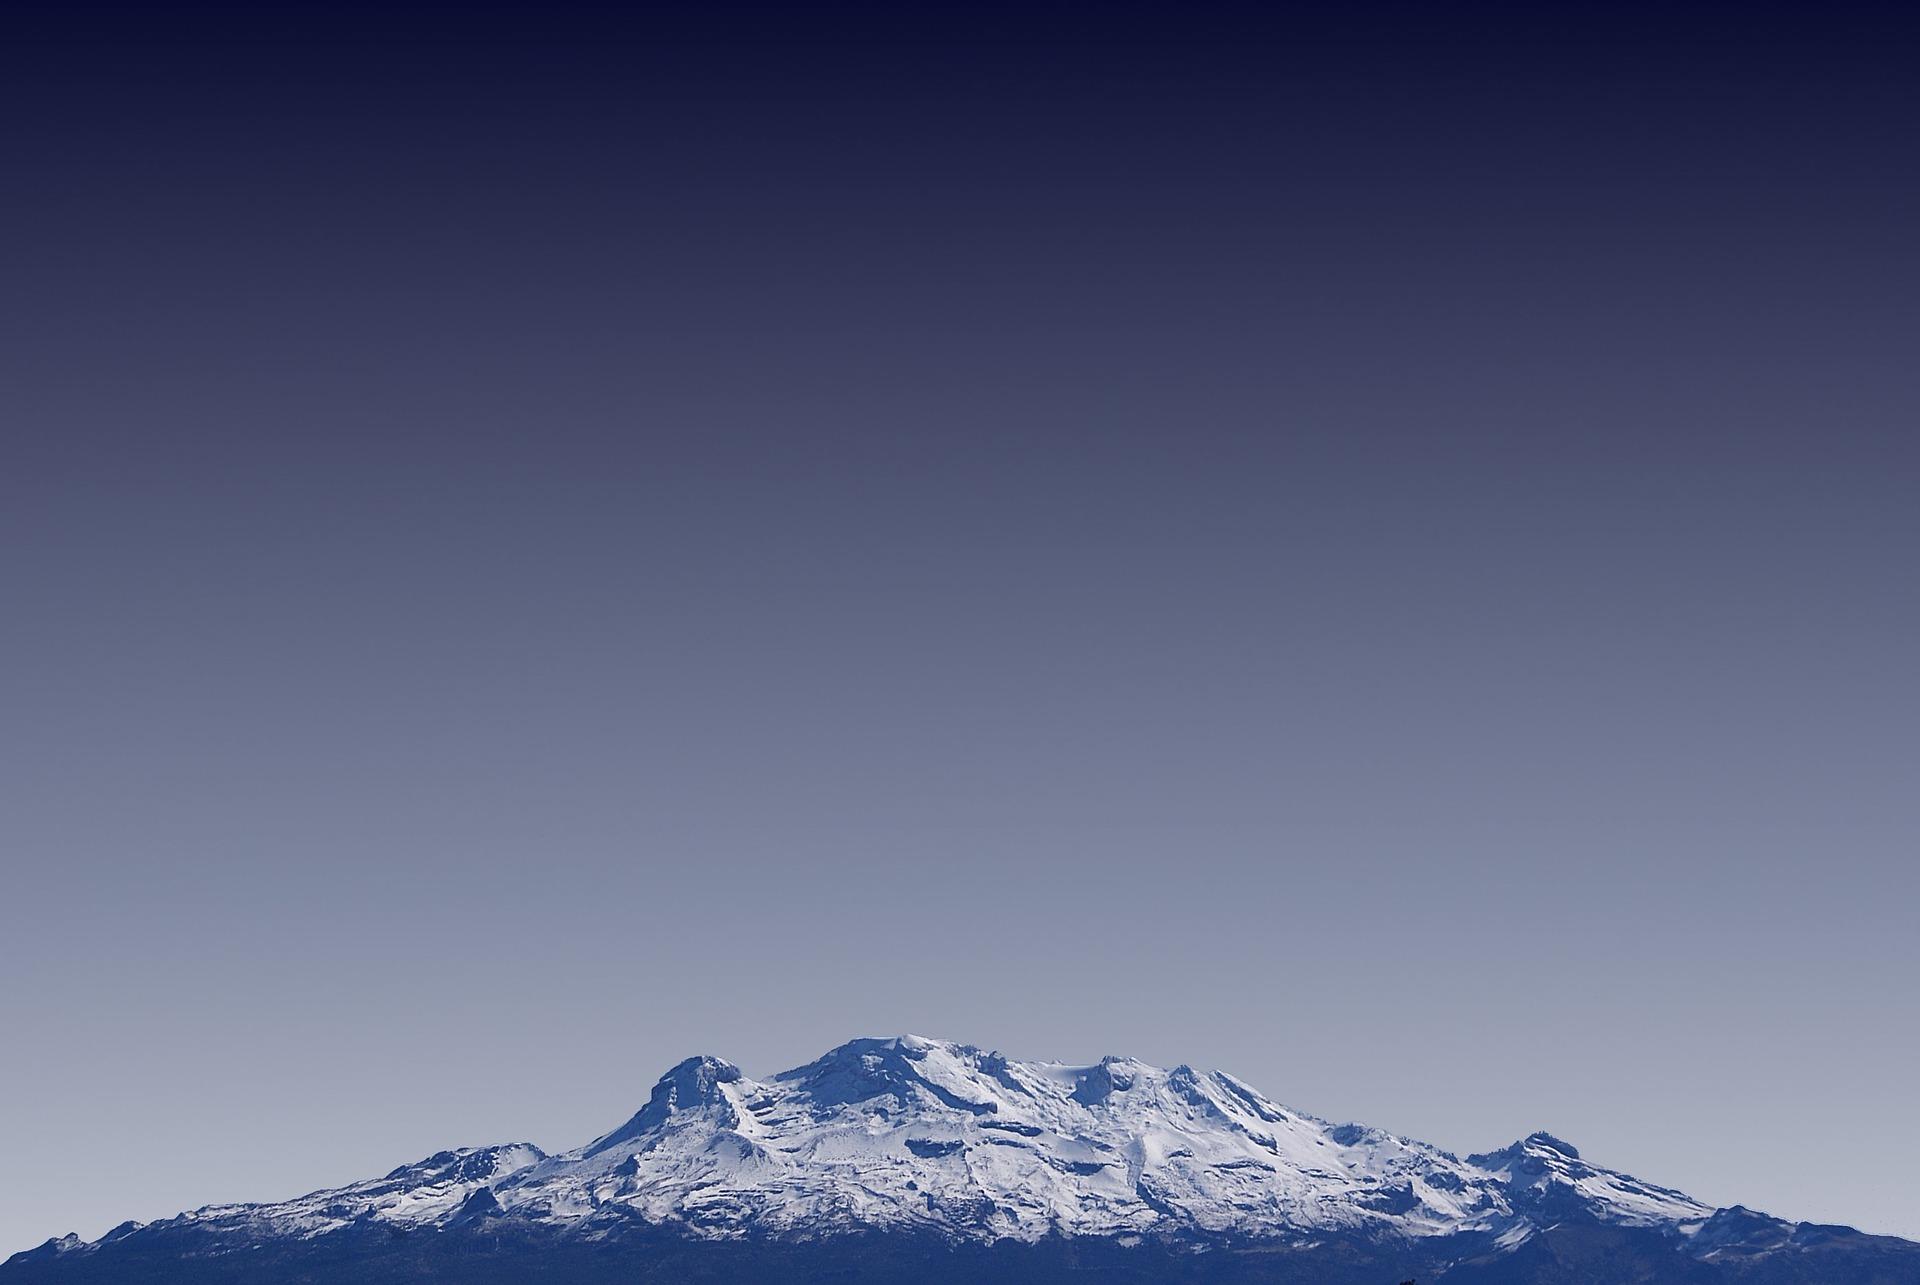 volcano-1905556_1920